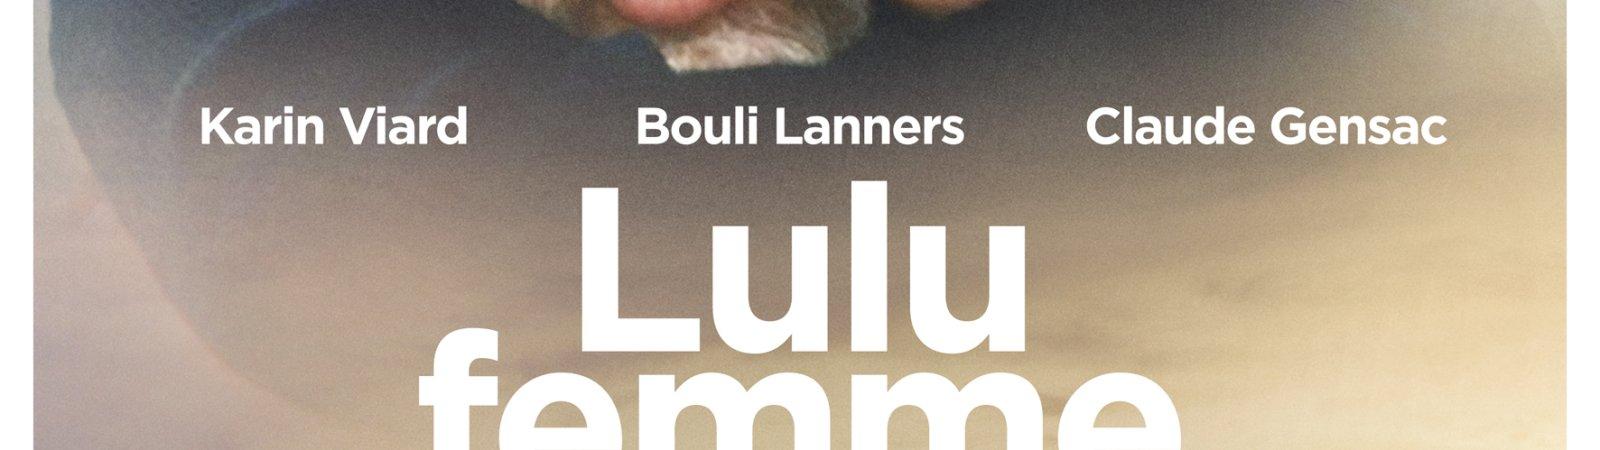 Photo du film : Lulu femme nue